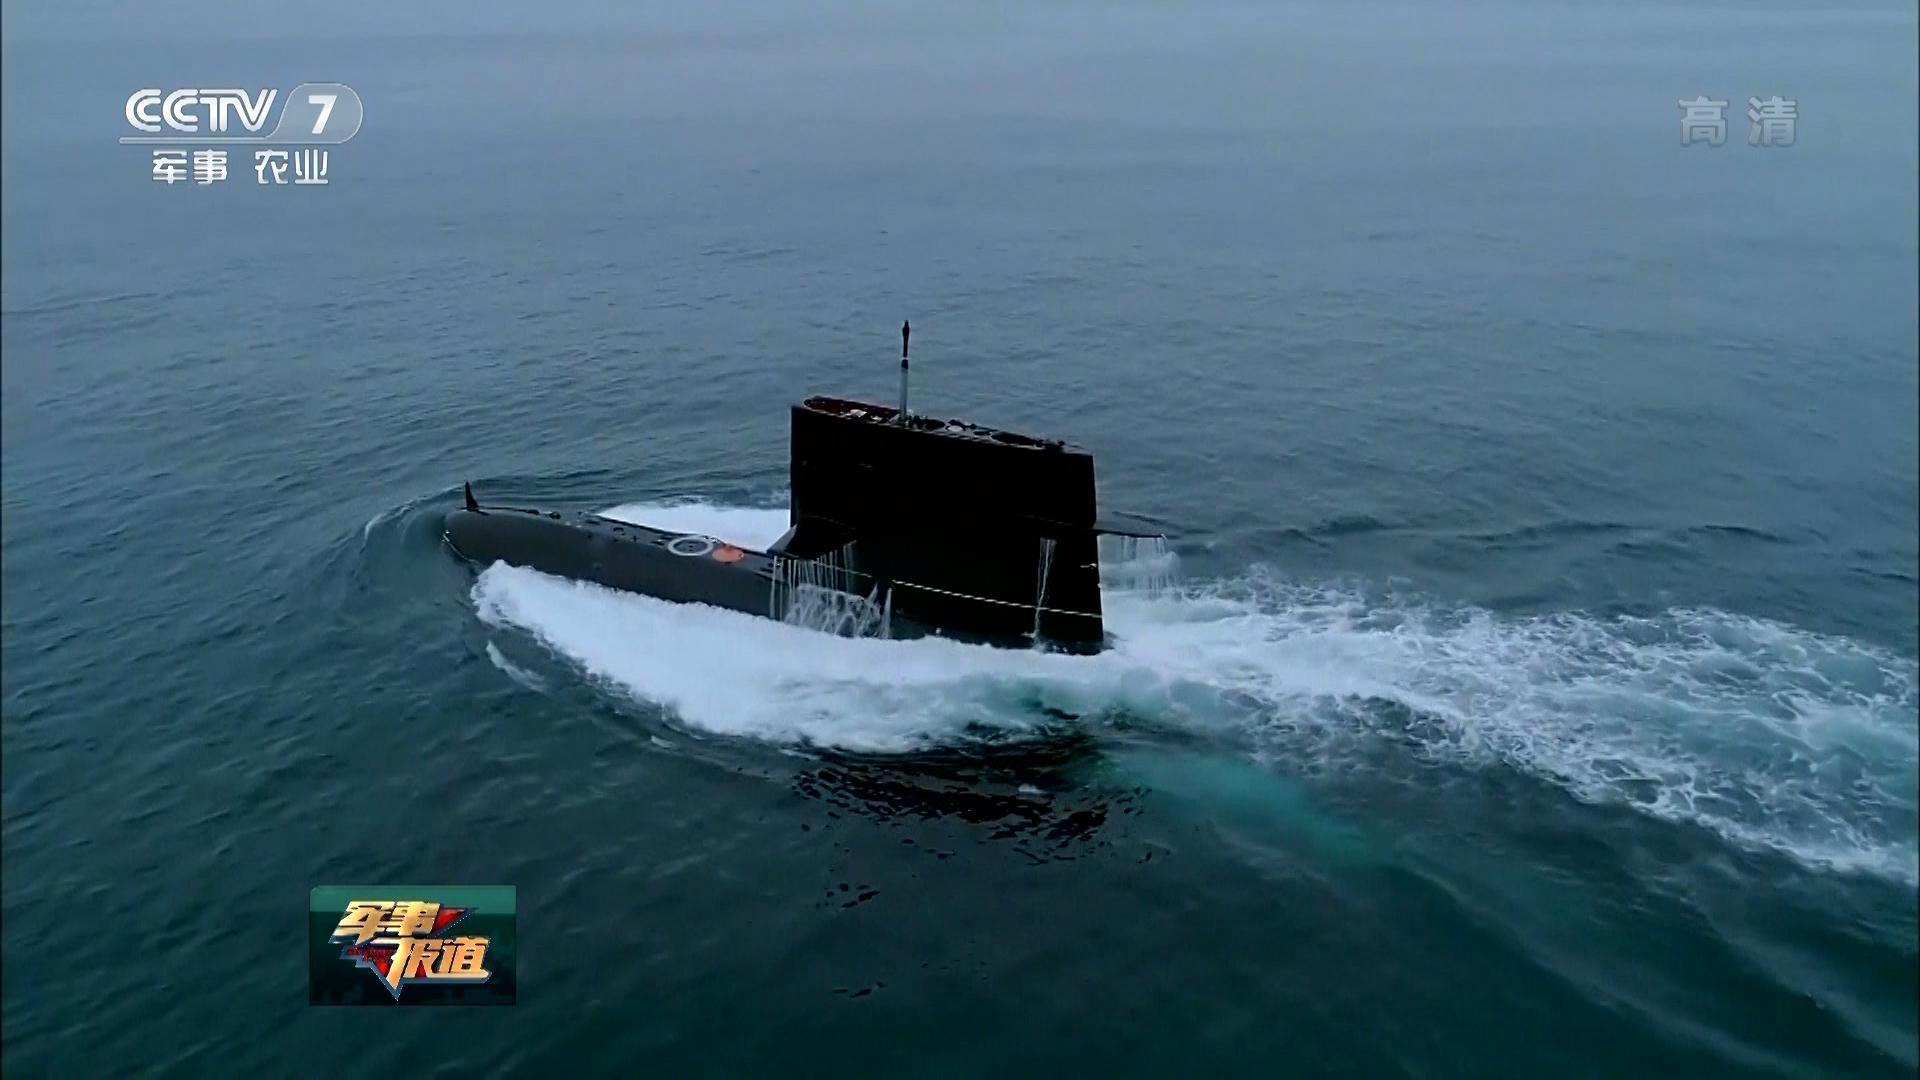 解放军核潜艇内部大量绝密细节流出:到处都是按钮开关